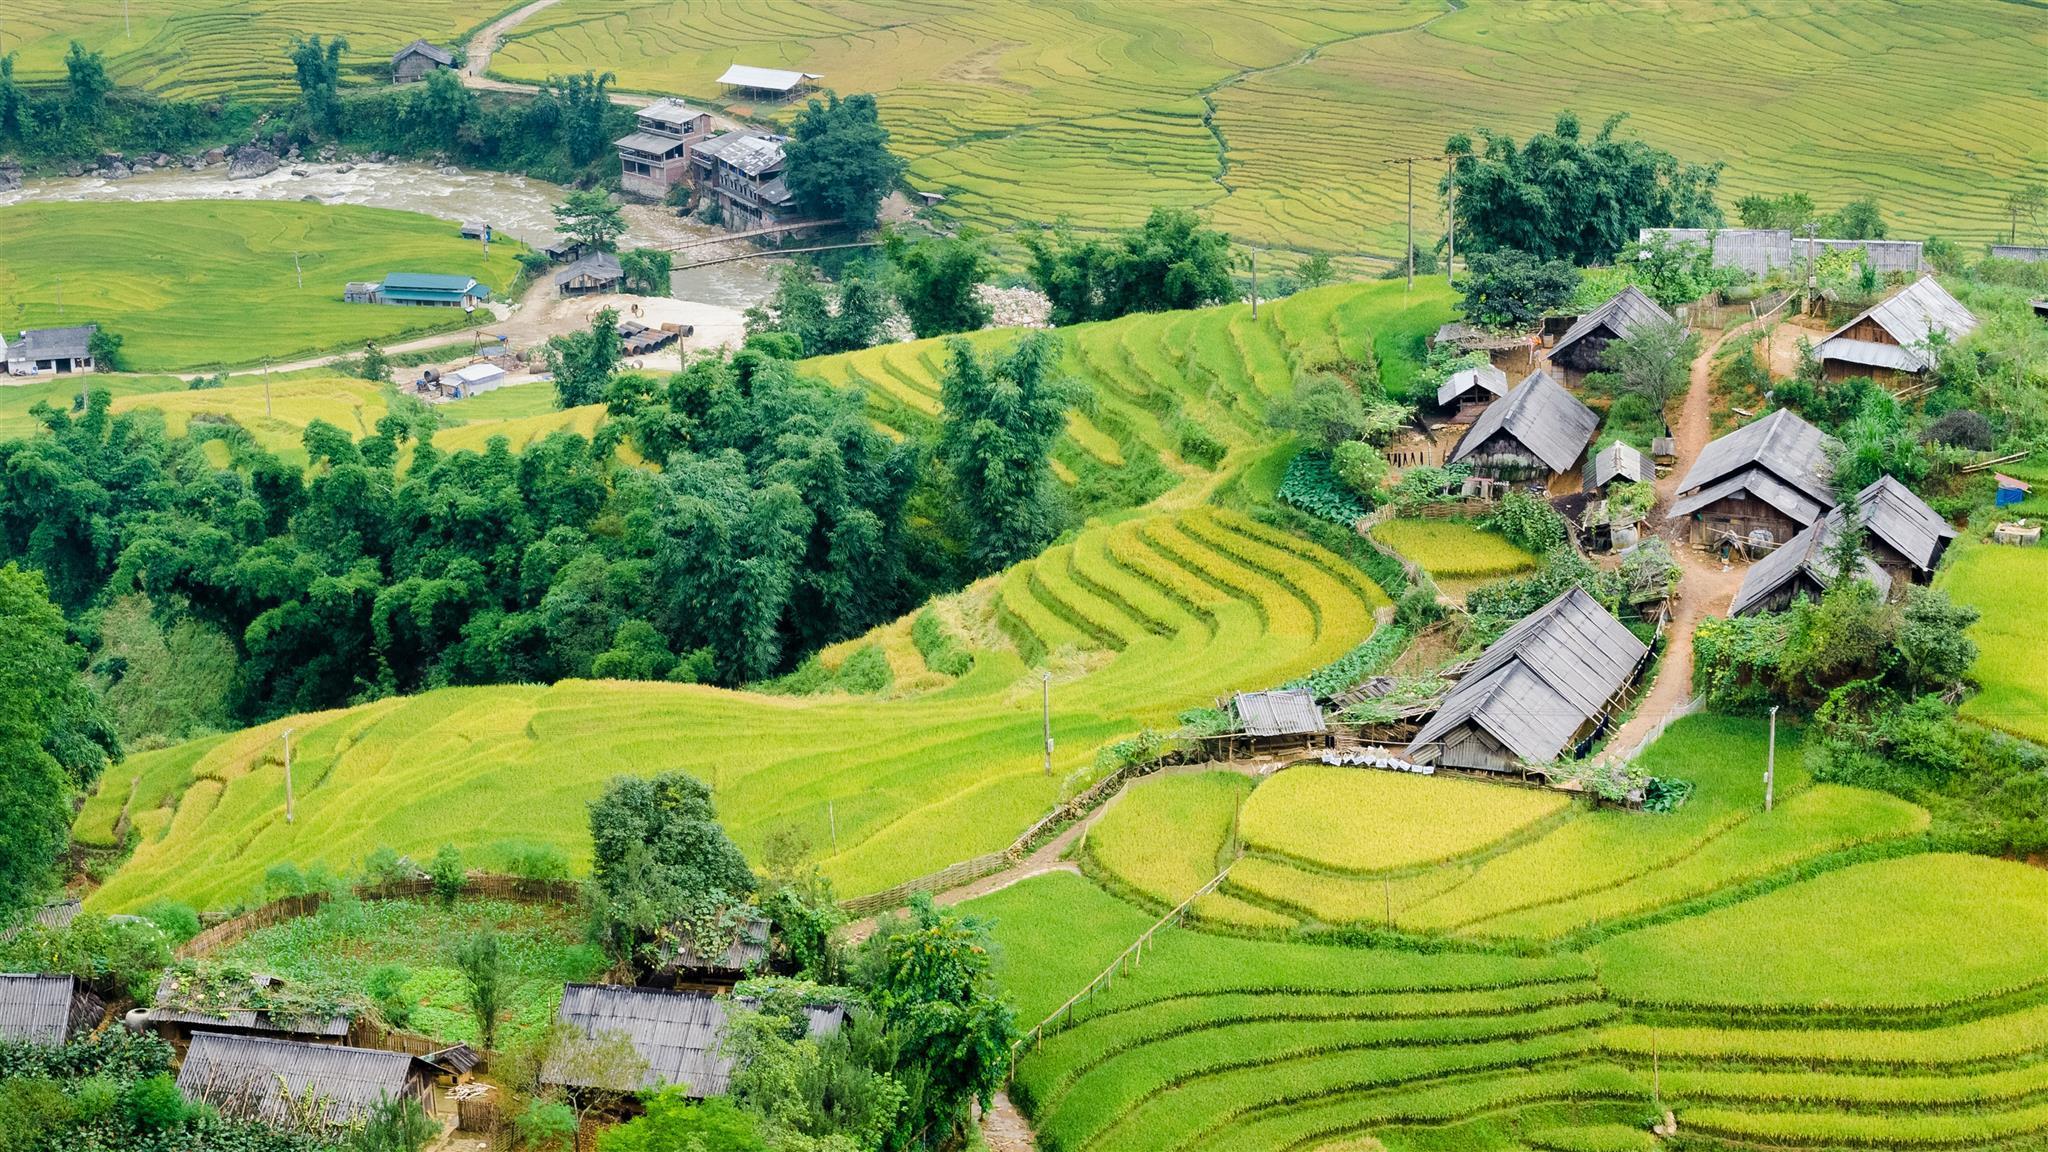 Tìm Căn hộ ở Sapa, Việt Nam